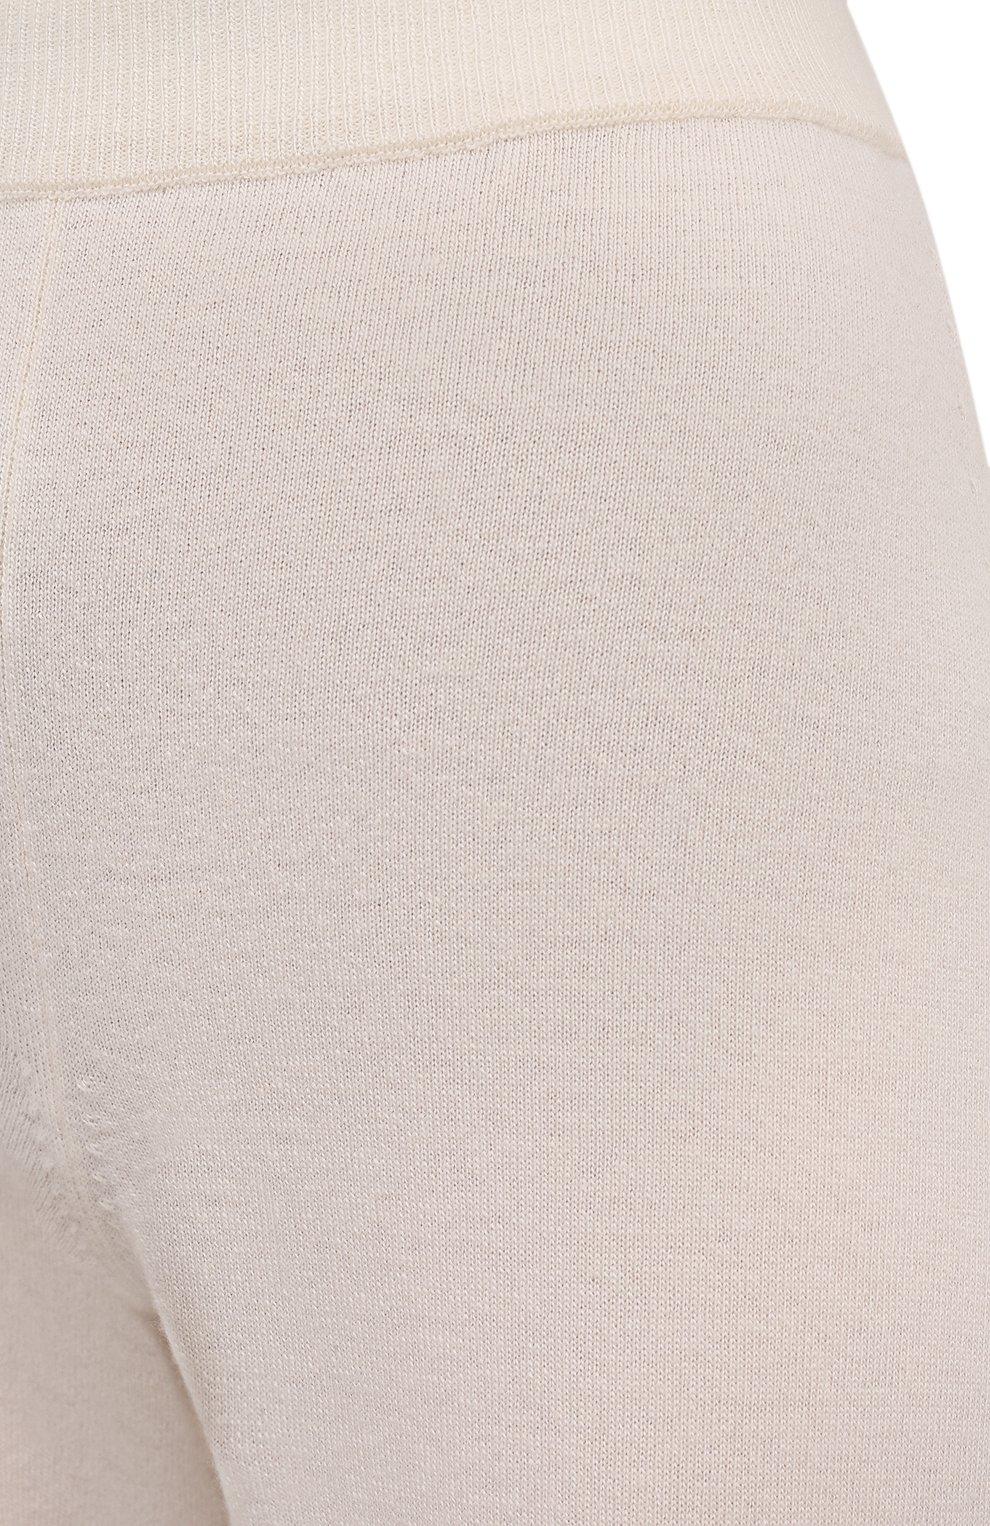 Женские брюки из шерсти и кашемира MANZONI24 кремвого цвета, арт. 21M363-X/38-46 | Фото 5 (Материал внешний: Шерсть, Кашемир; Длина (брюки, джинсы): Стандартные; Женское Кросс-КТ: Брюки-одежда; Силуэт Ж (брюки и джинсы): Прямые; Стили: Спорт-шик)